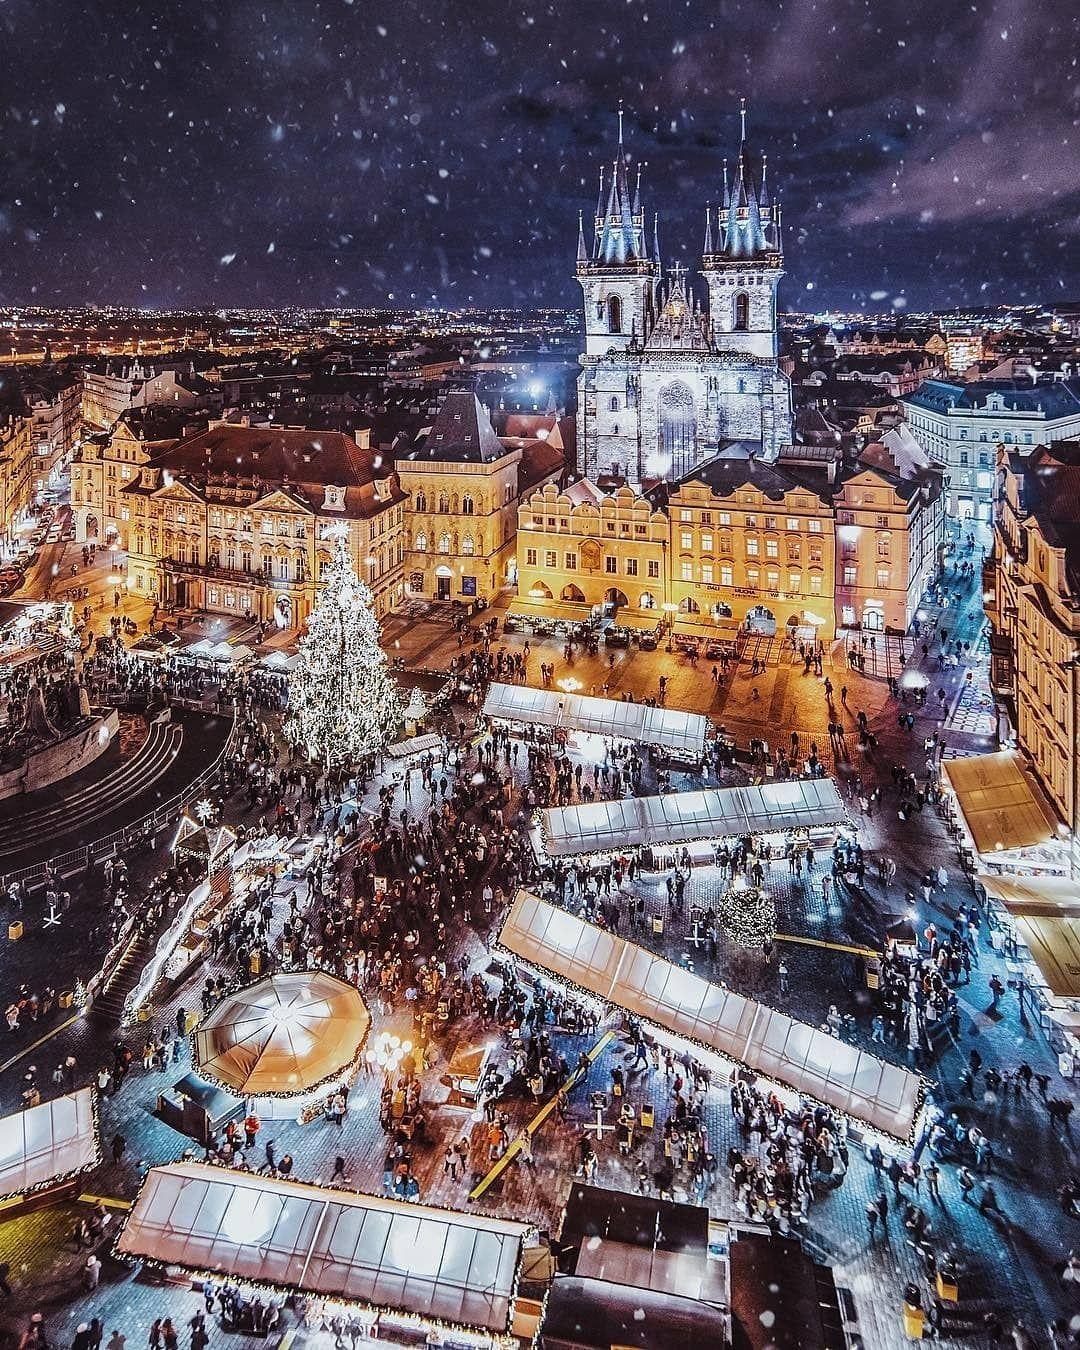 Épinglé par Selfreak Wild sur Christmas en 2020 Noël